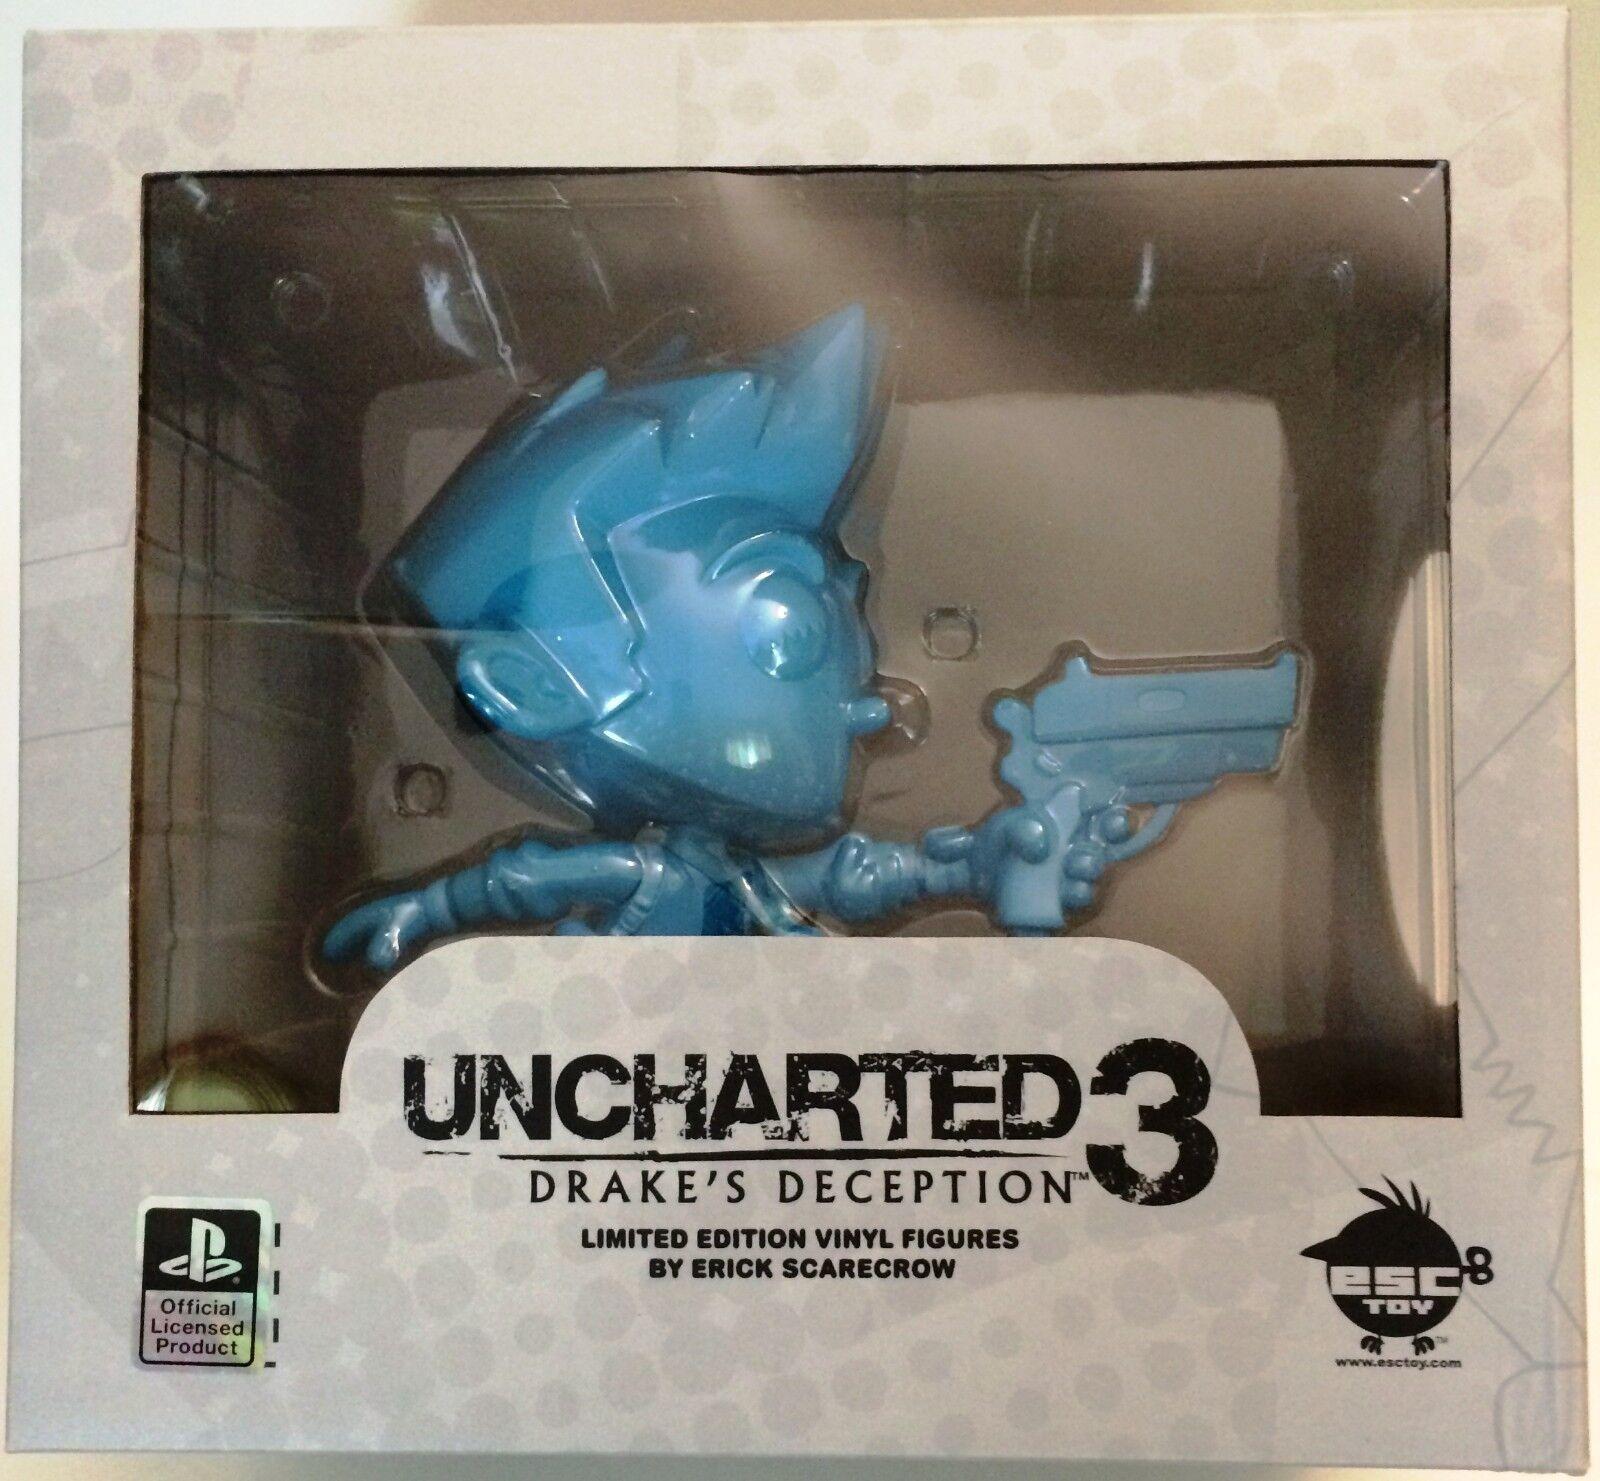 Uncharted Nathan Drake Esc-Juguete SCocheecrow Figura de Vinilo Azul Edición Erick